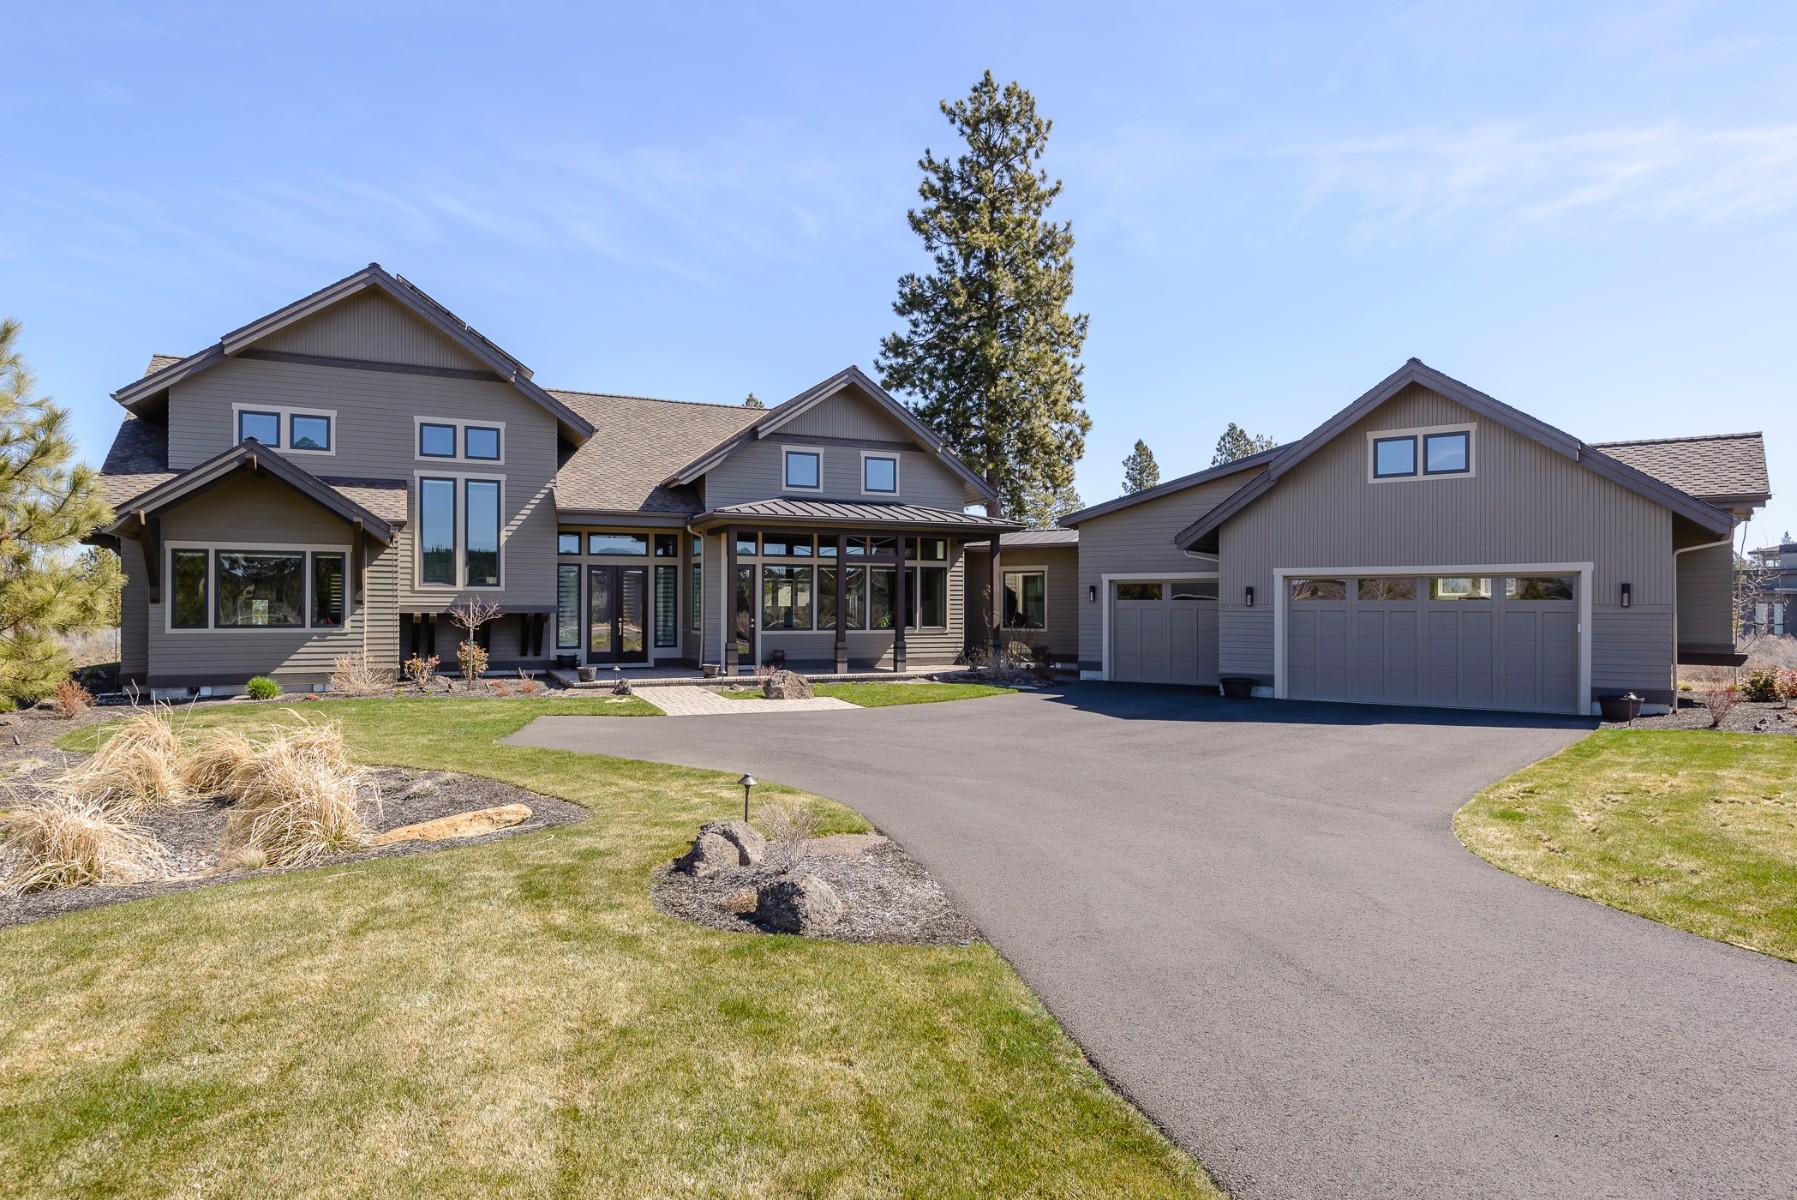 Maison unifamiliale pour l Vente à 61636 Hosmer Lake Drive, BEND Bend, Oregon, 97702 États-Unis